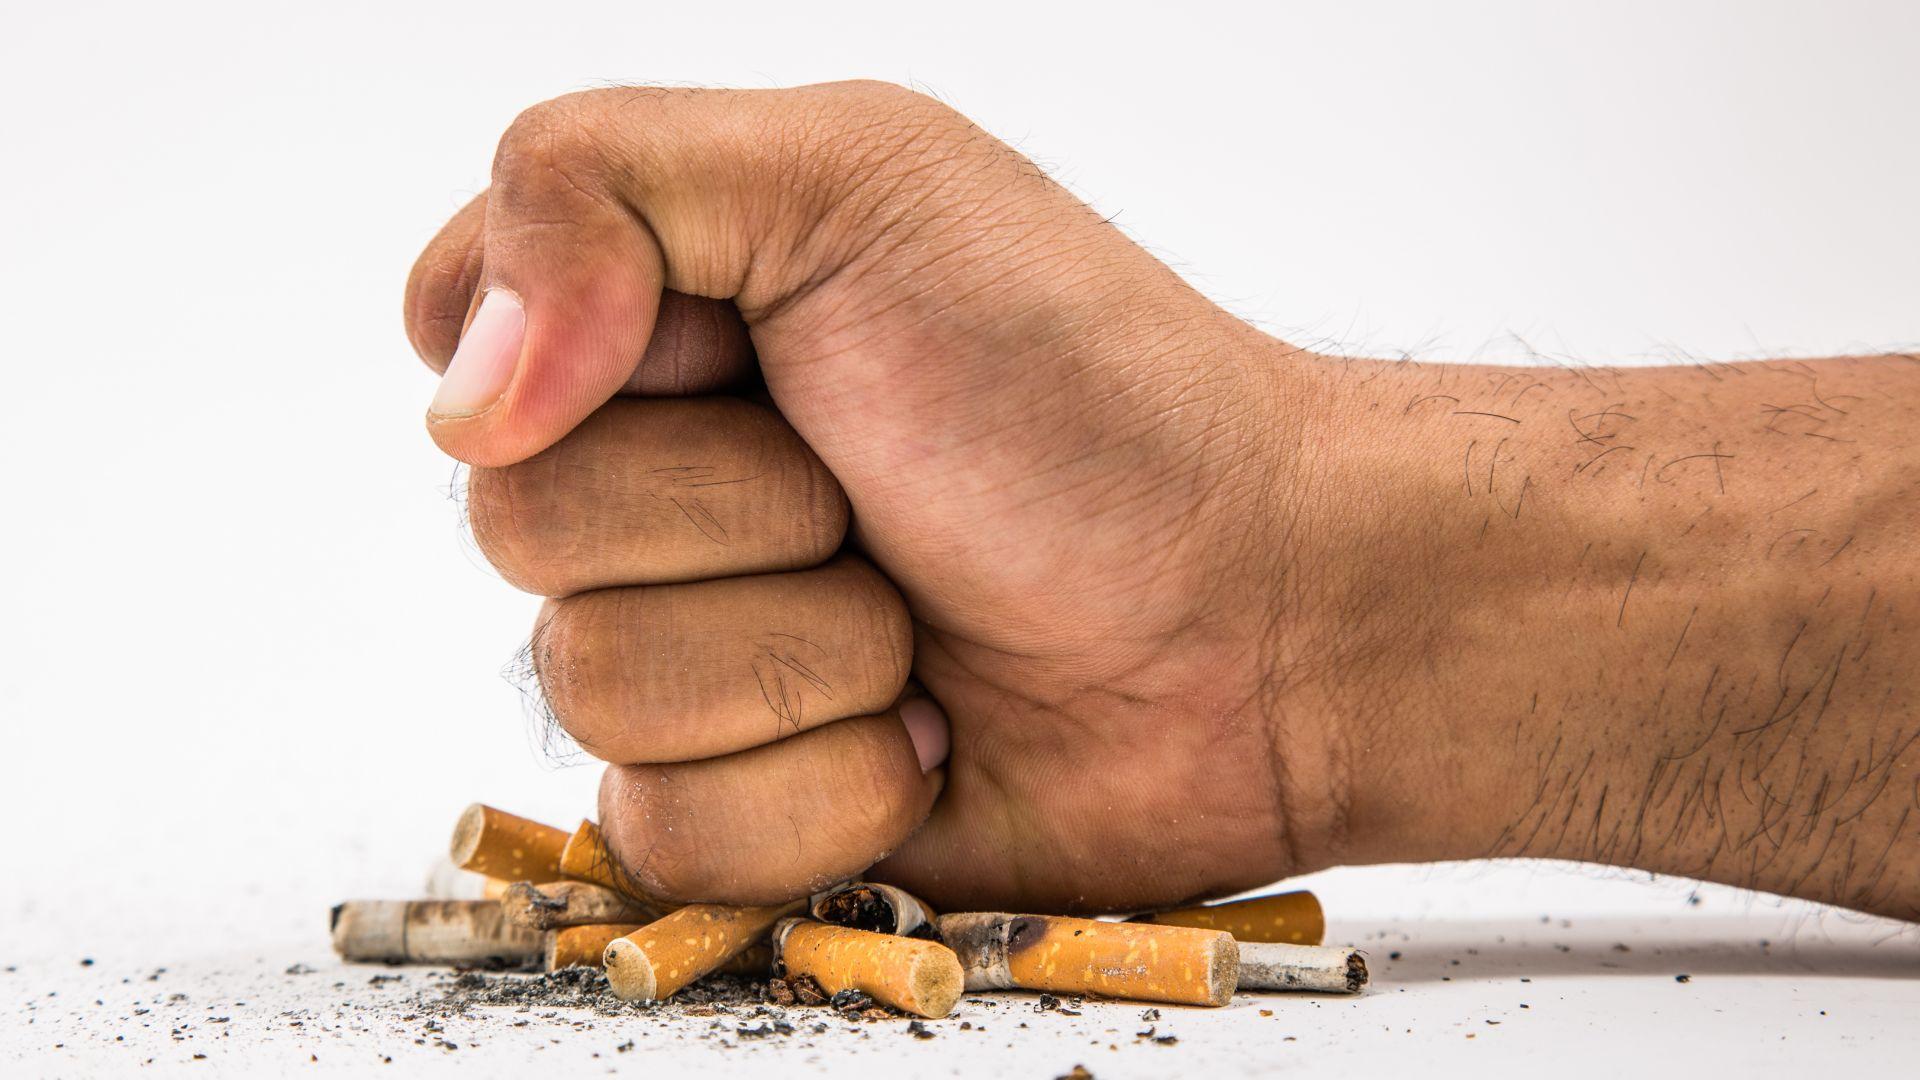 Тютюнопушенето е водеща причина за ранна смъртност: всеки 10-и по света умира от цигара